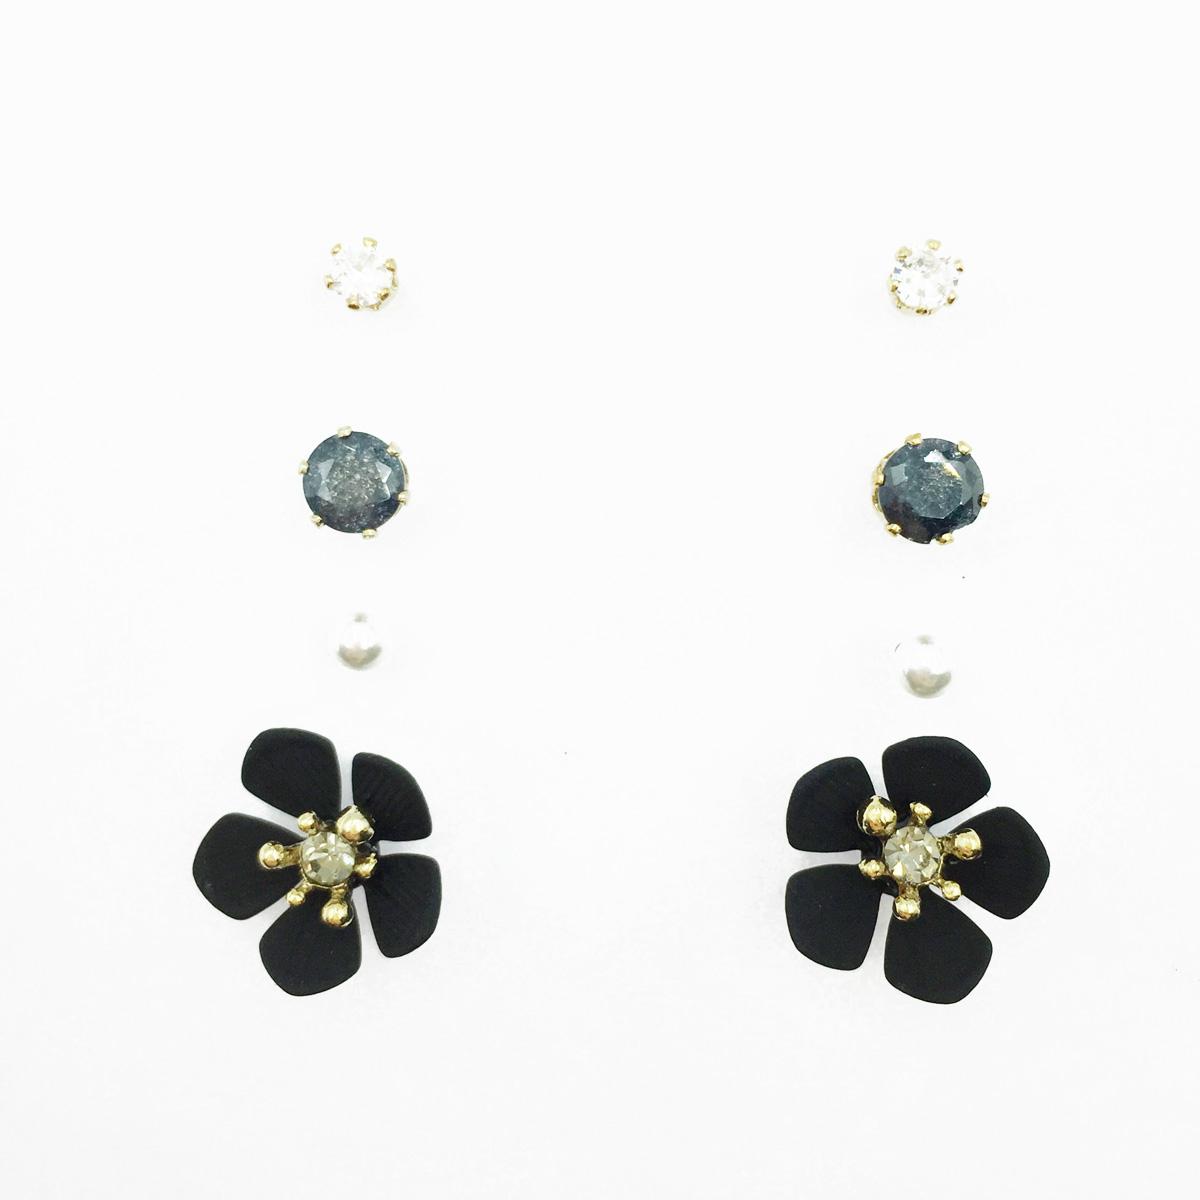 韓國 黑花朵 珍珠 水鑽 多入組 耳針式耳環